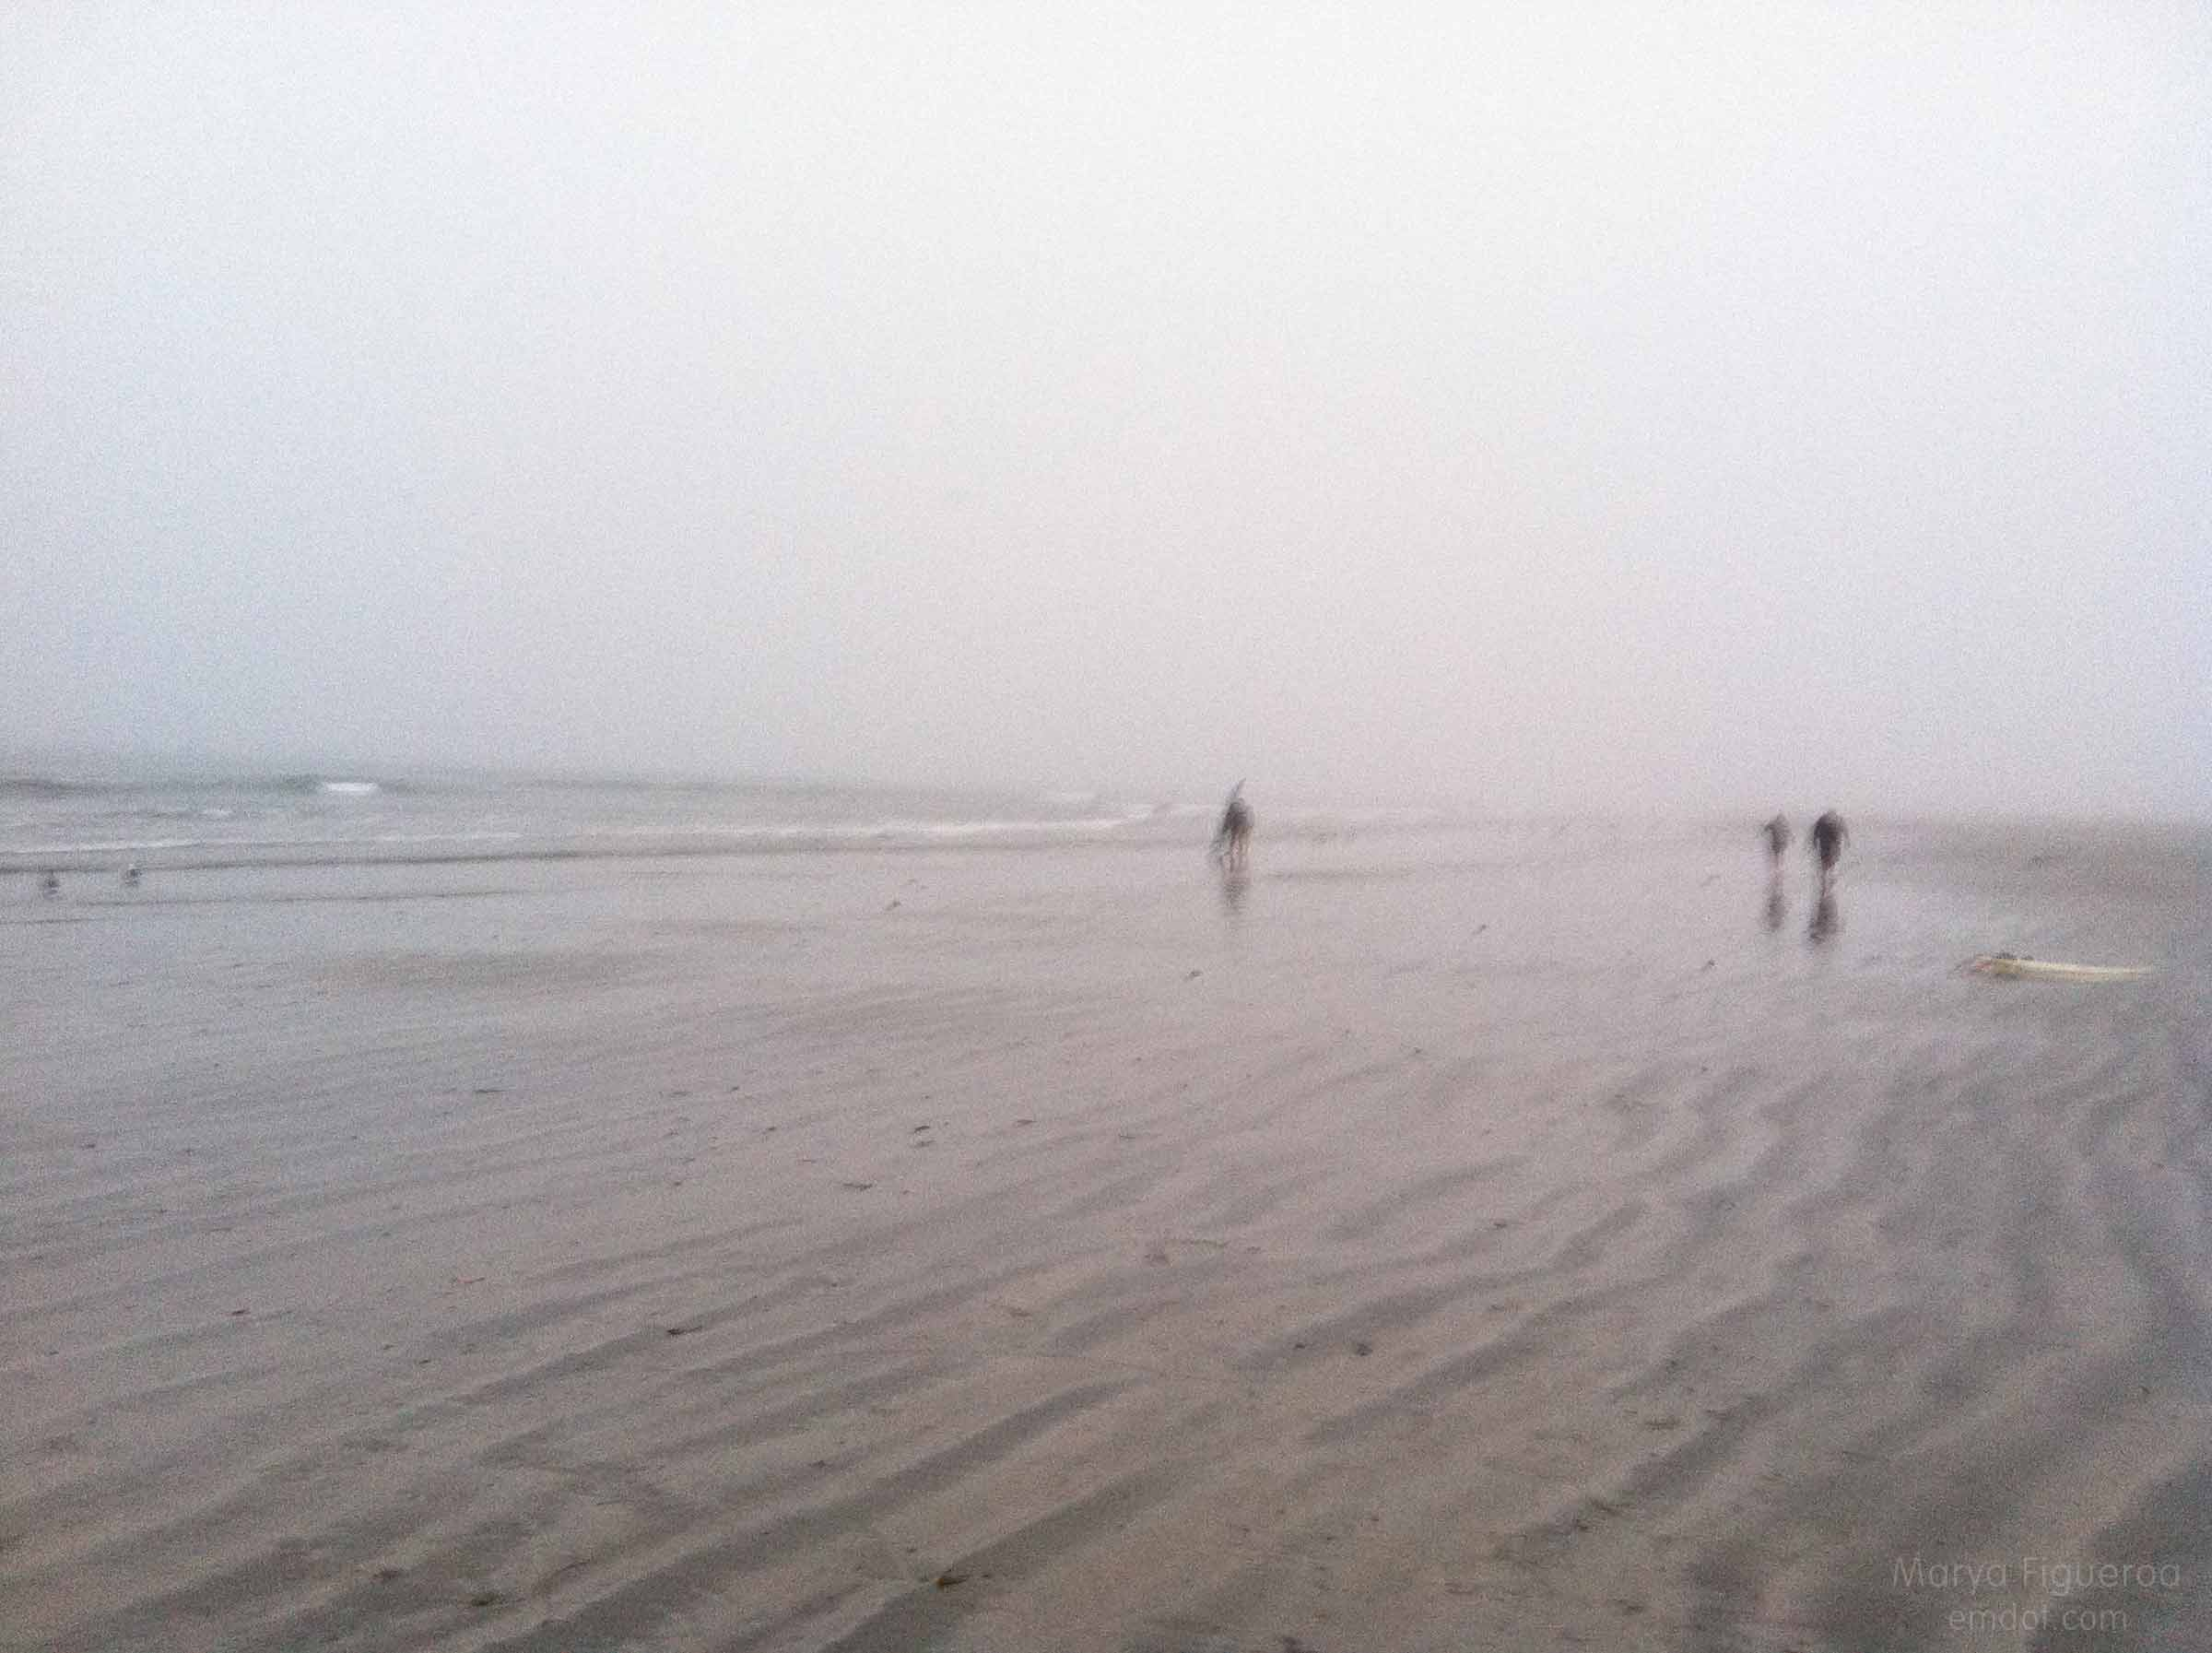 people far away